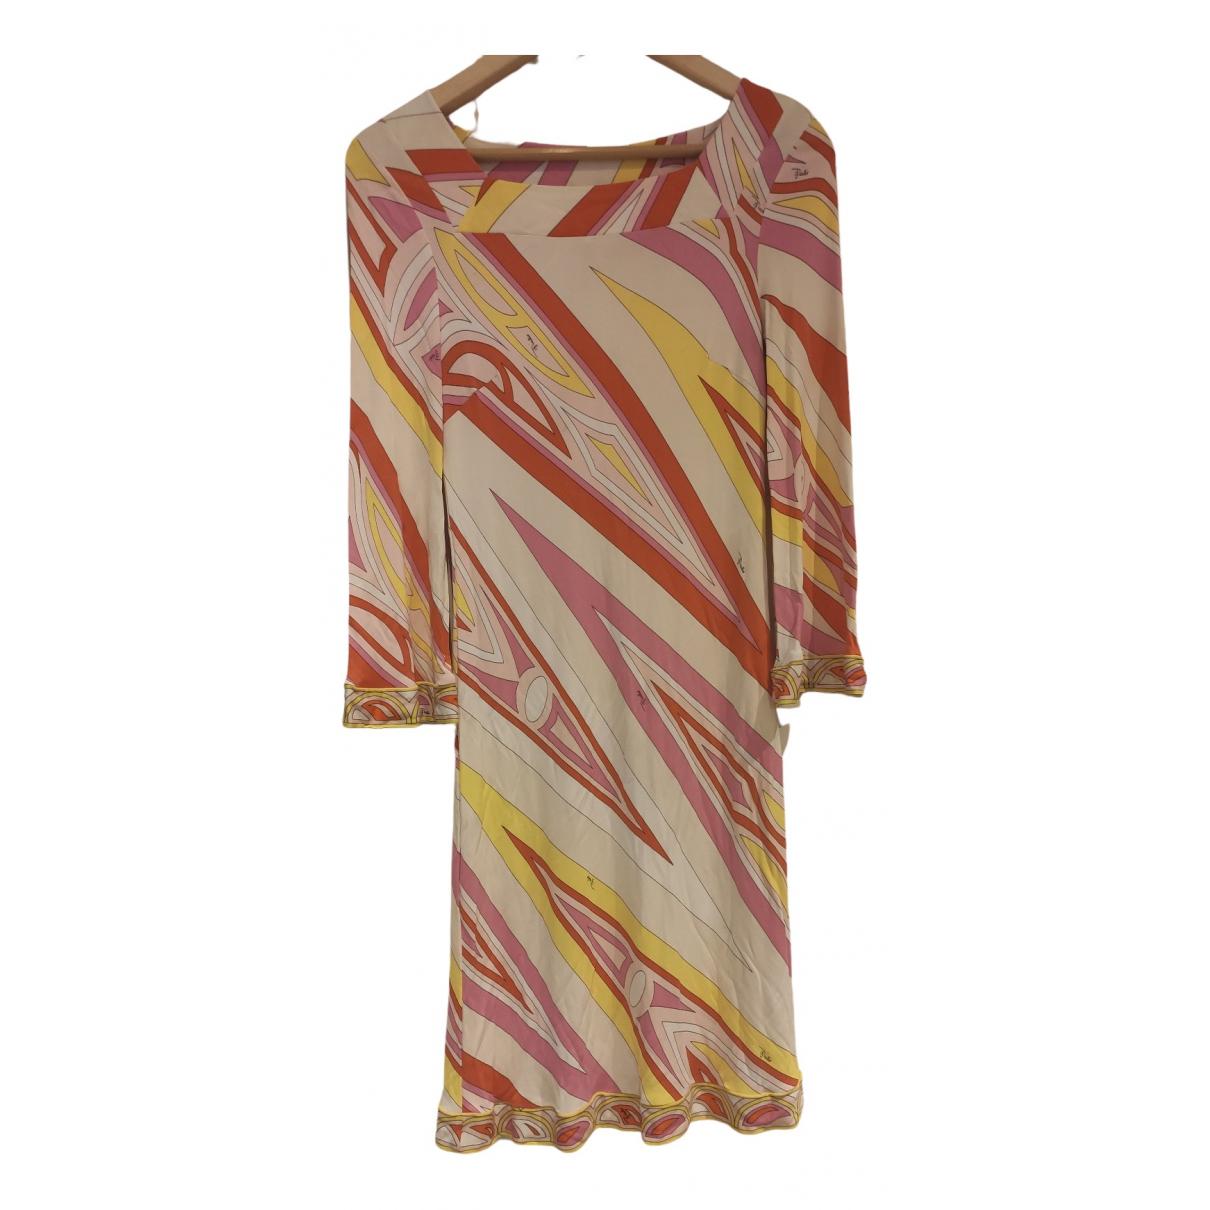 Emilio Pucci N Multicolour dress for Women 42 IT